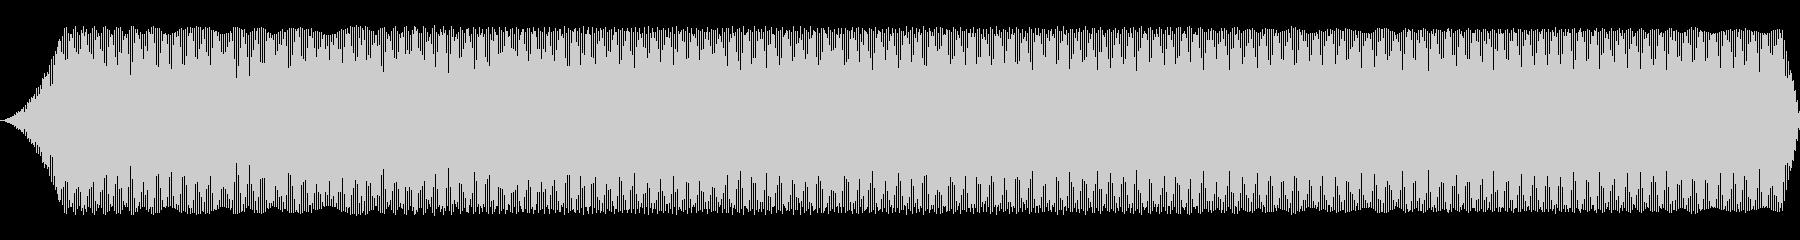 宇宙ラジオウィニングキャット短波探索の未再生の波形